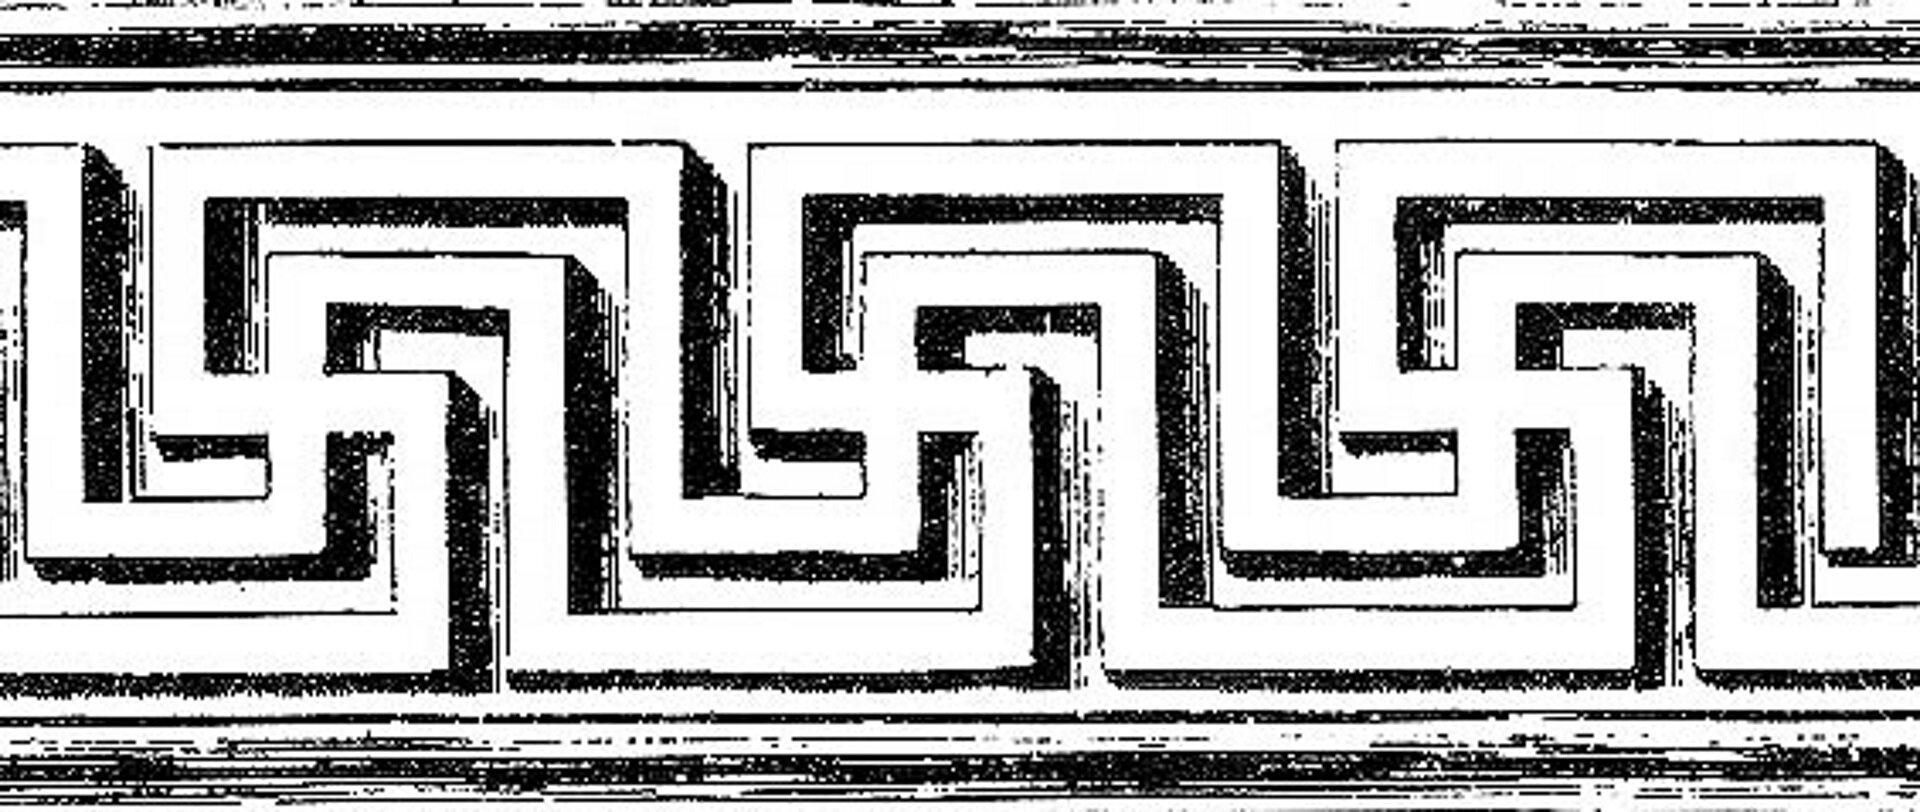 Ilustracja przedstawiająca ornament – meander. Element dekoracyjny naszkicowany jest czarnym kolorem bez wypełenień. Ornament swoim wyglądem bardzo przypomina labirynt widziany zgóry.